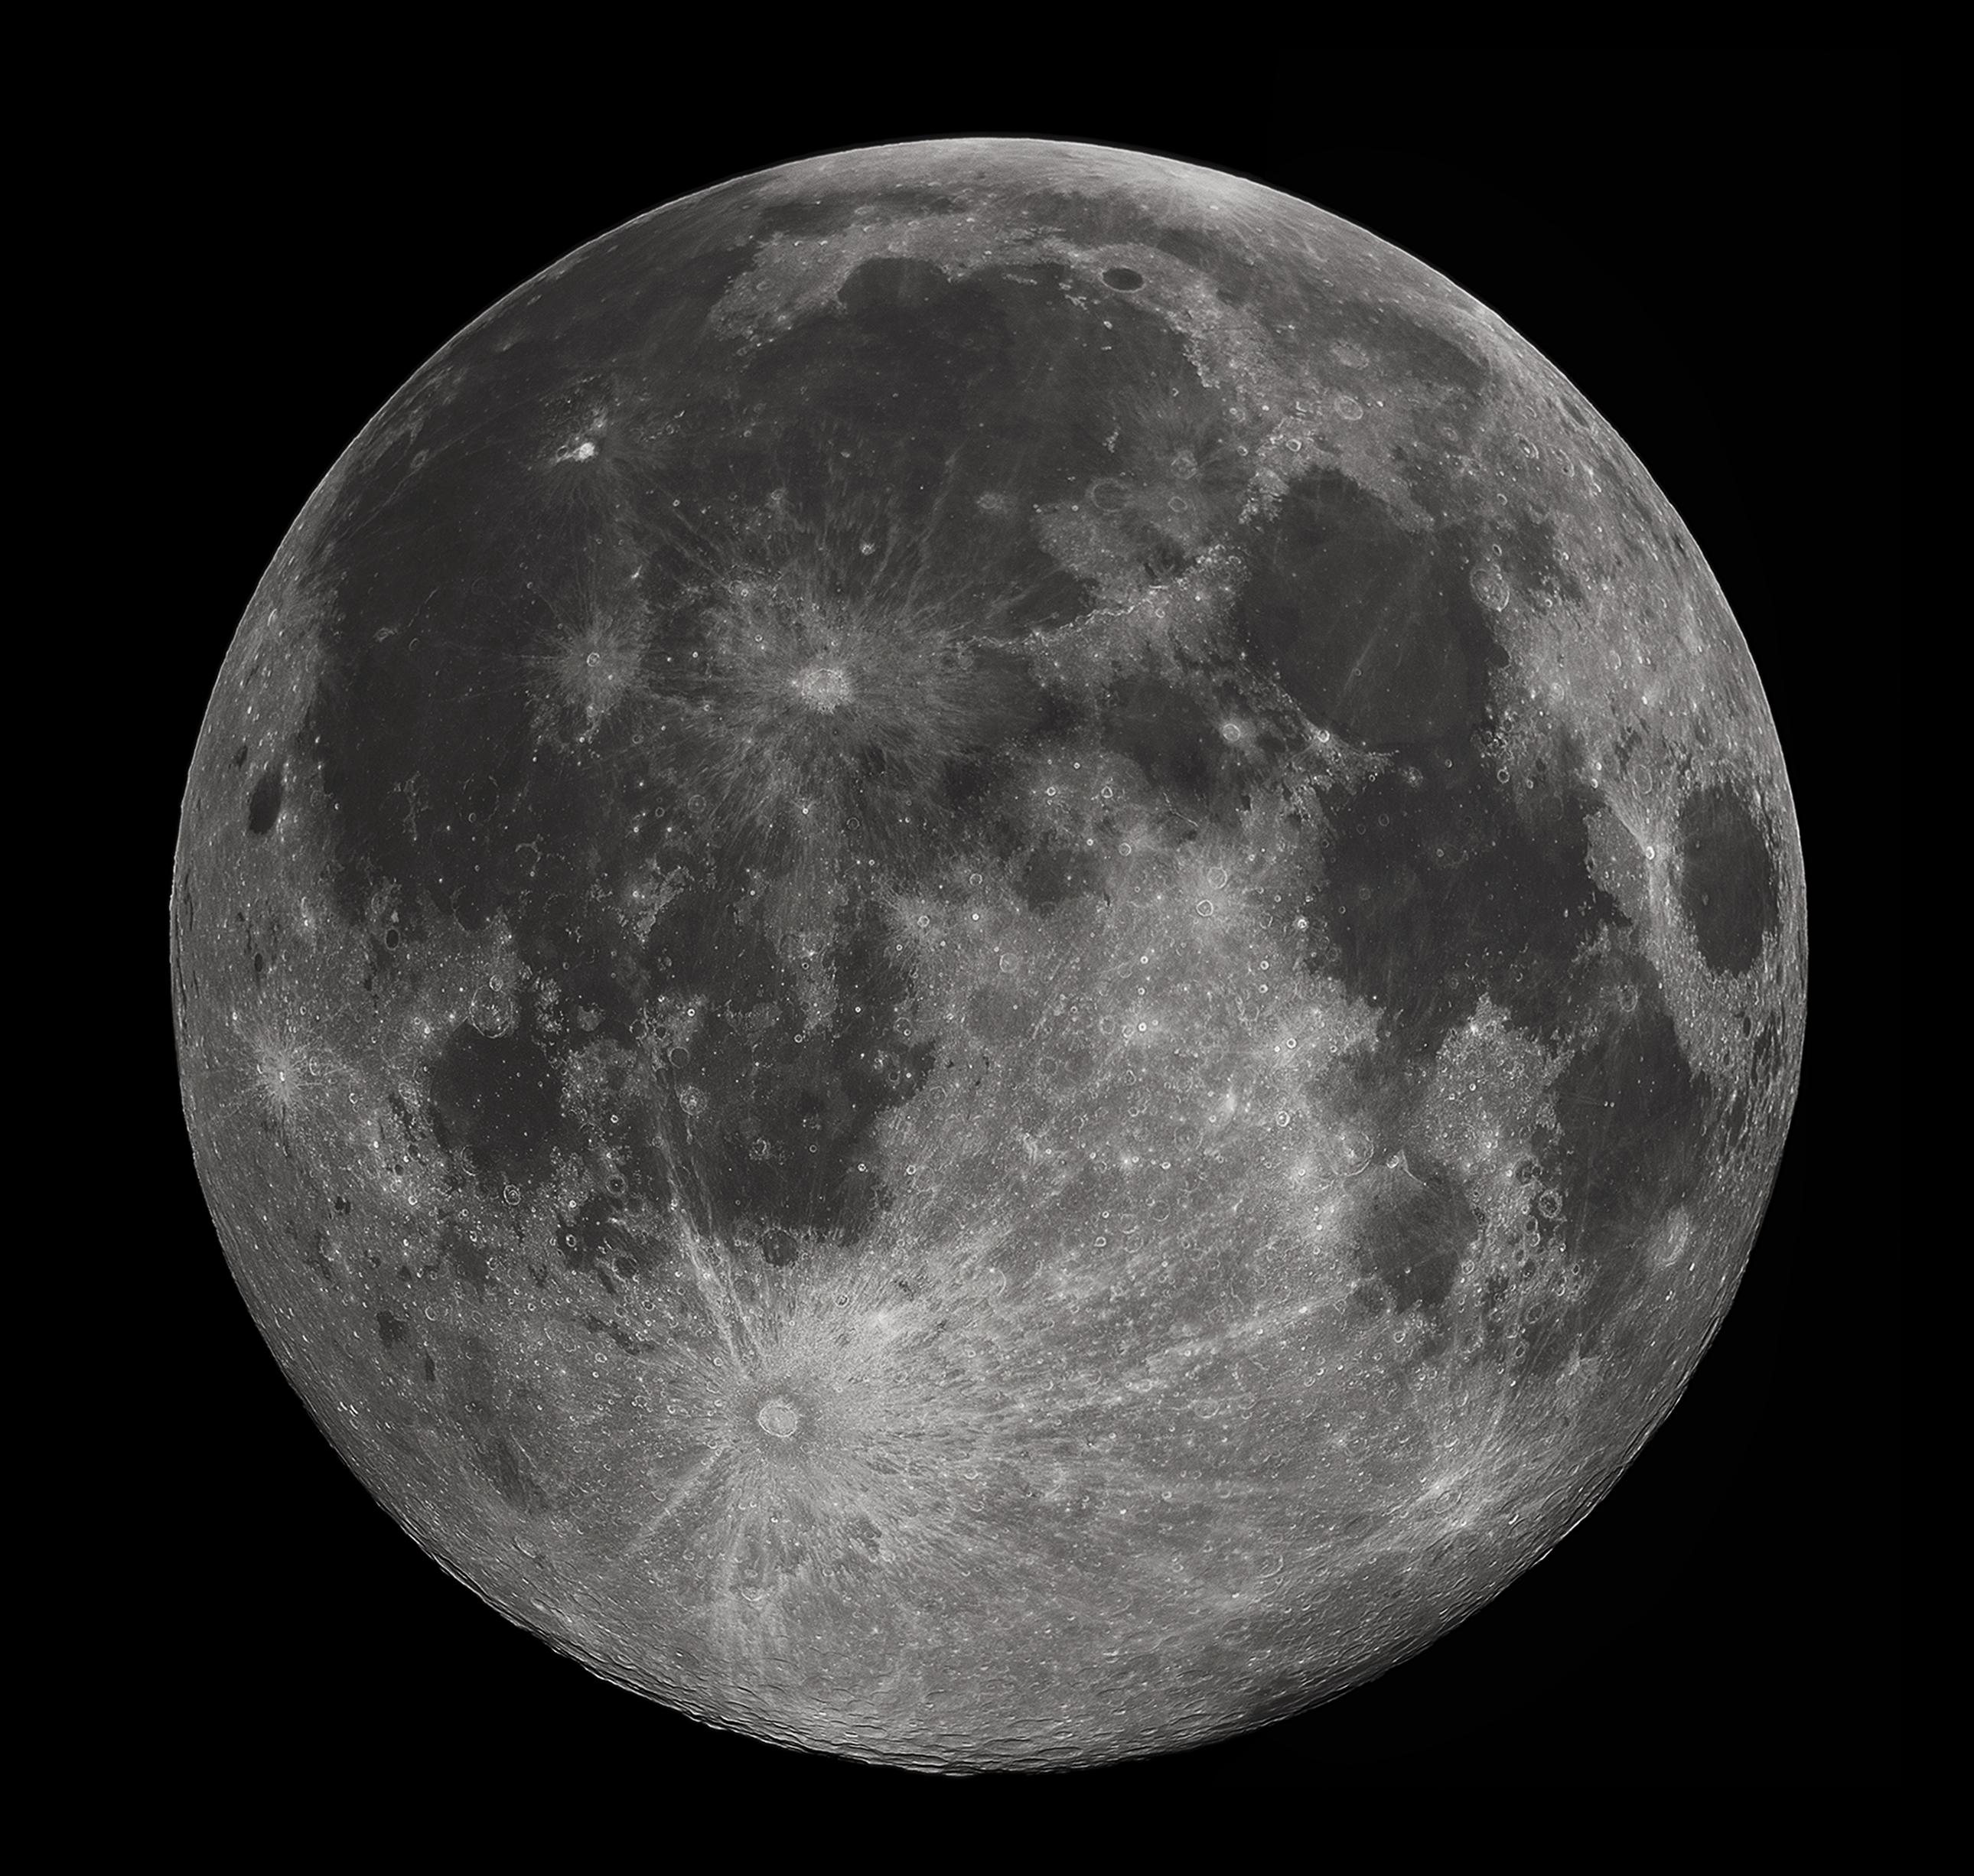 luna plină afectează vederea cuburi pentru viziune